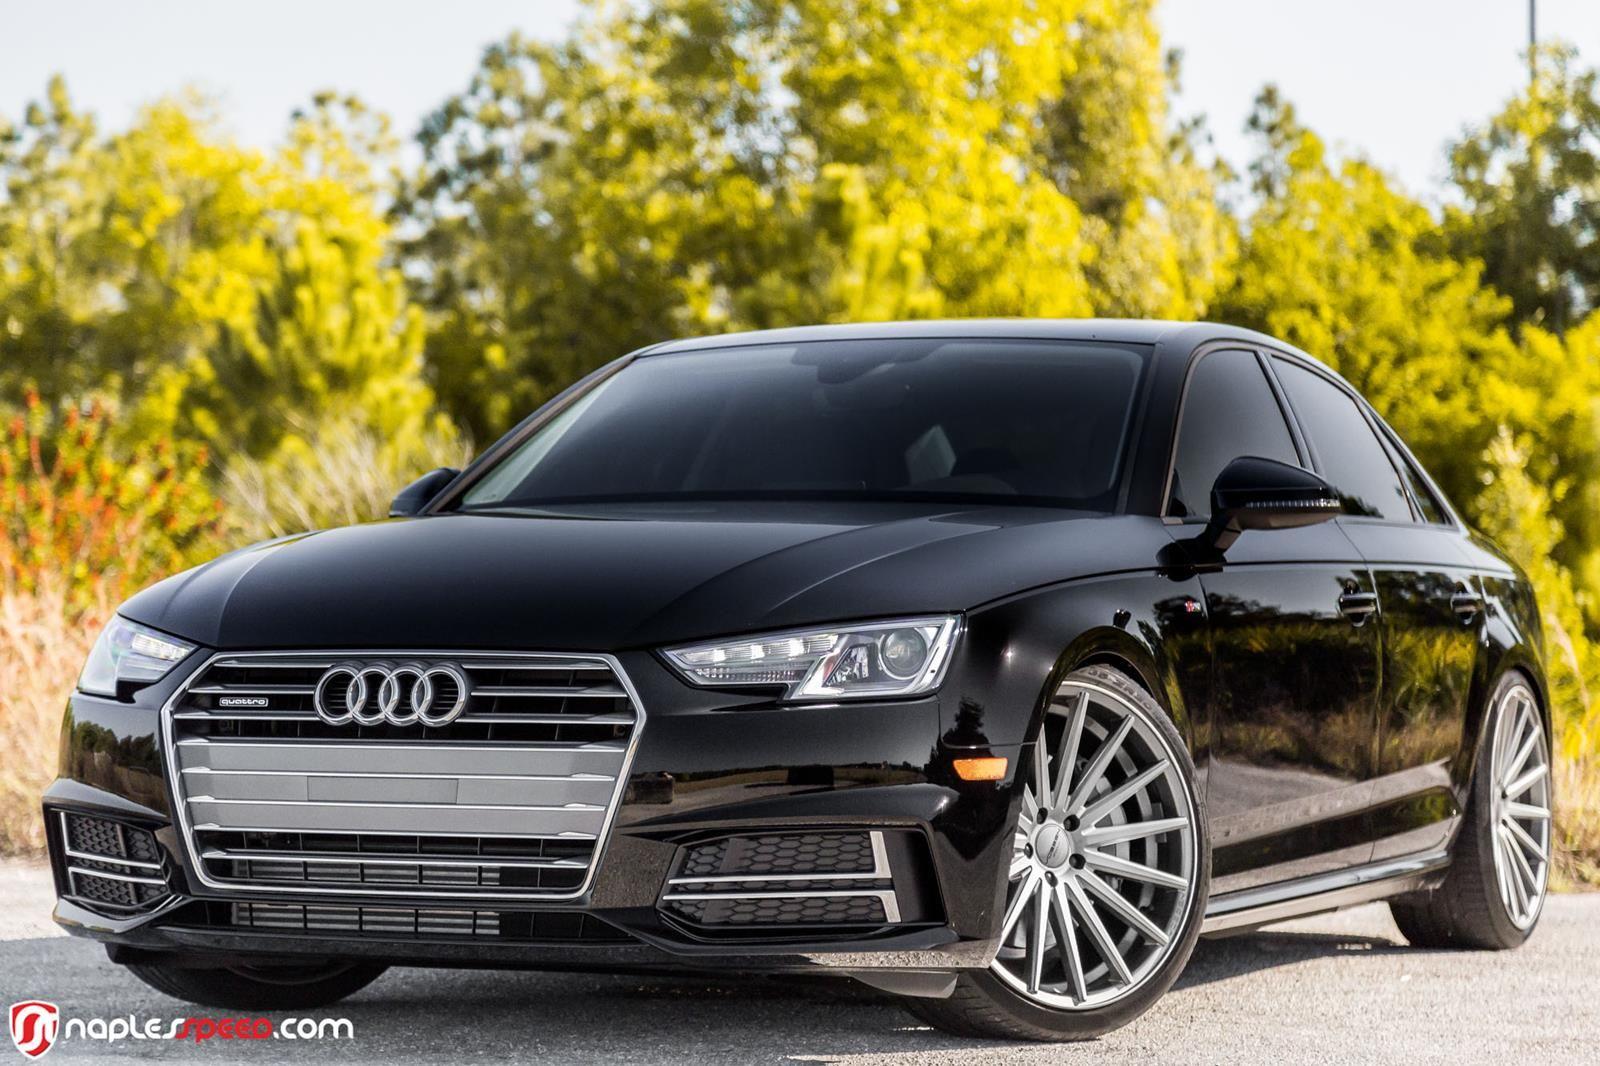 2017 Audi A4 Hunkers Down On 20 Custom Wheels Carscoops Car Wheels Rims Car Wheels Car Wheels Diy